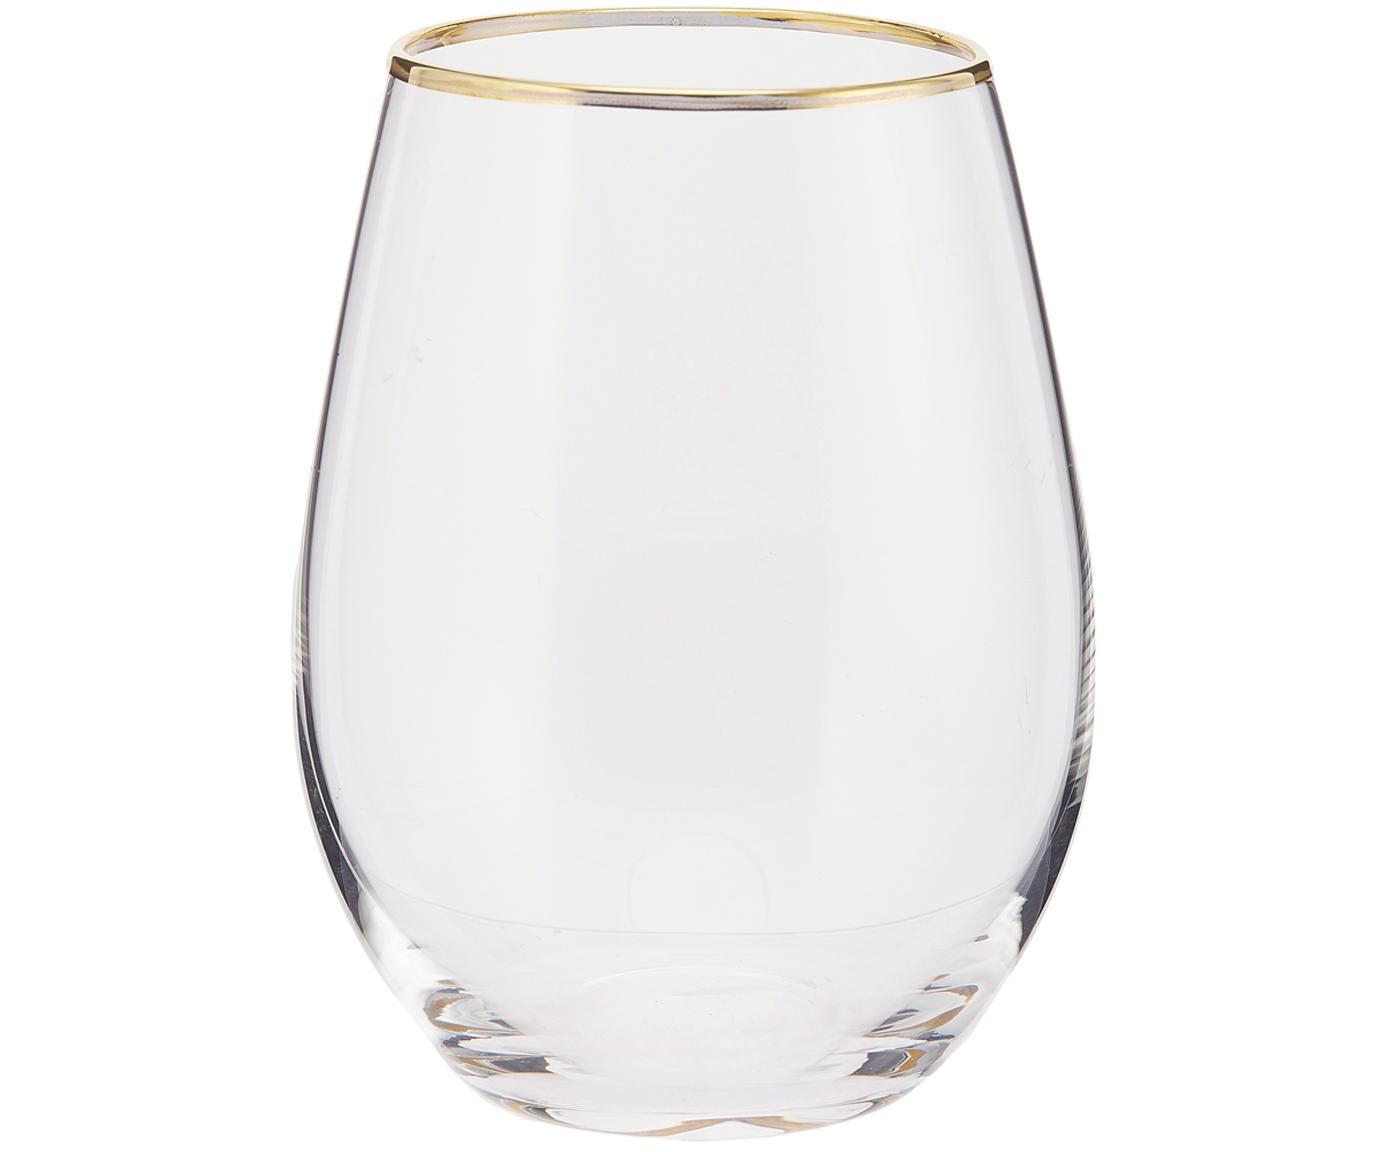 Vasos altos Chloe, 4uds., Vidrio, Transparente, dorado, Ø 10 x Al 15 cm